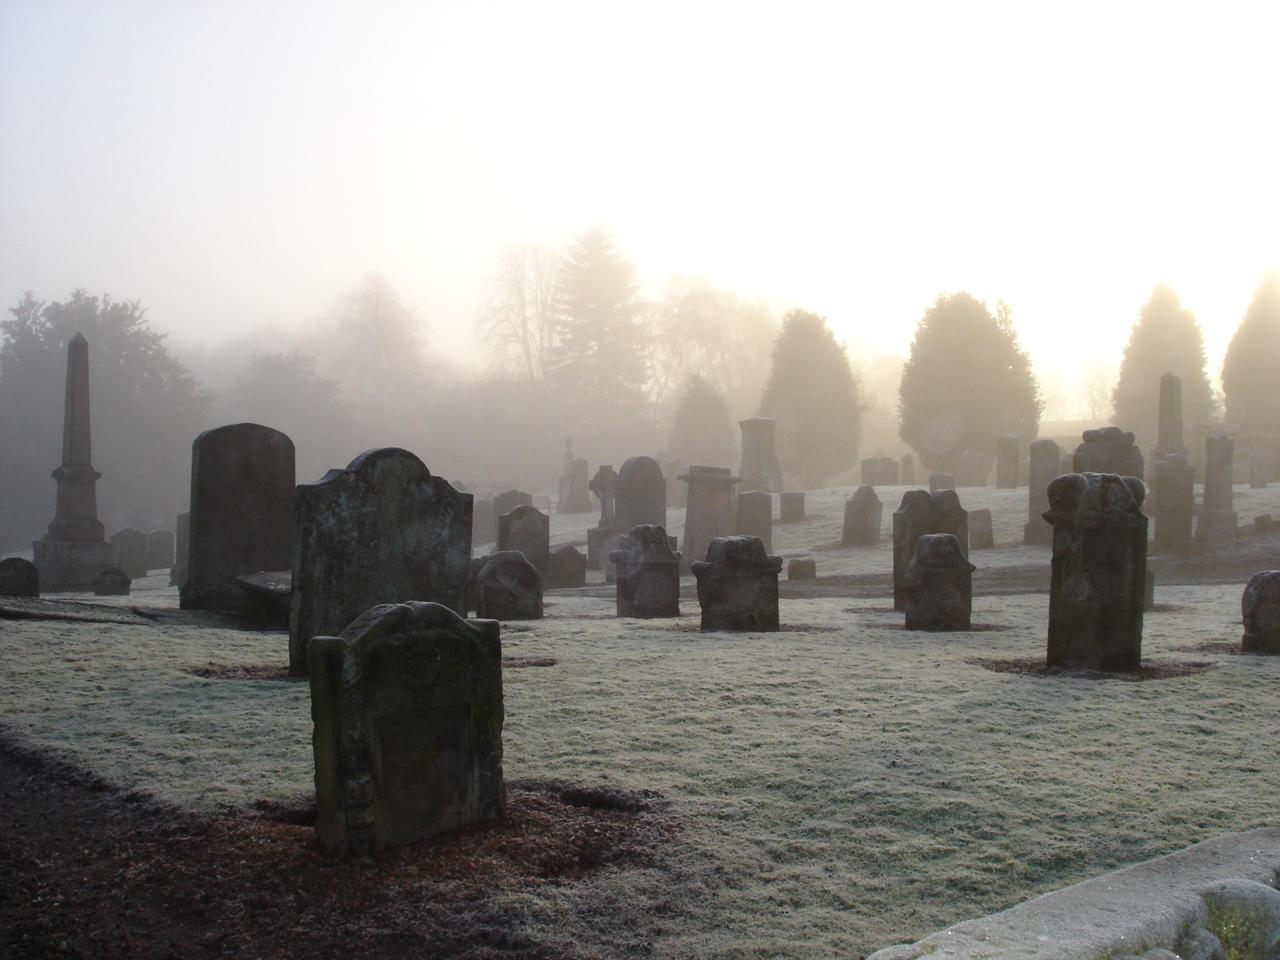 An Old Graveyard